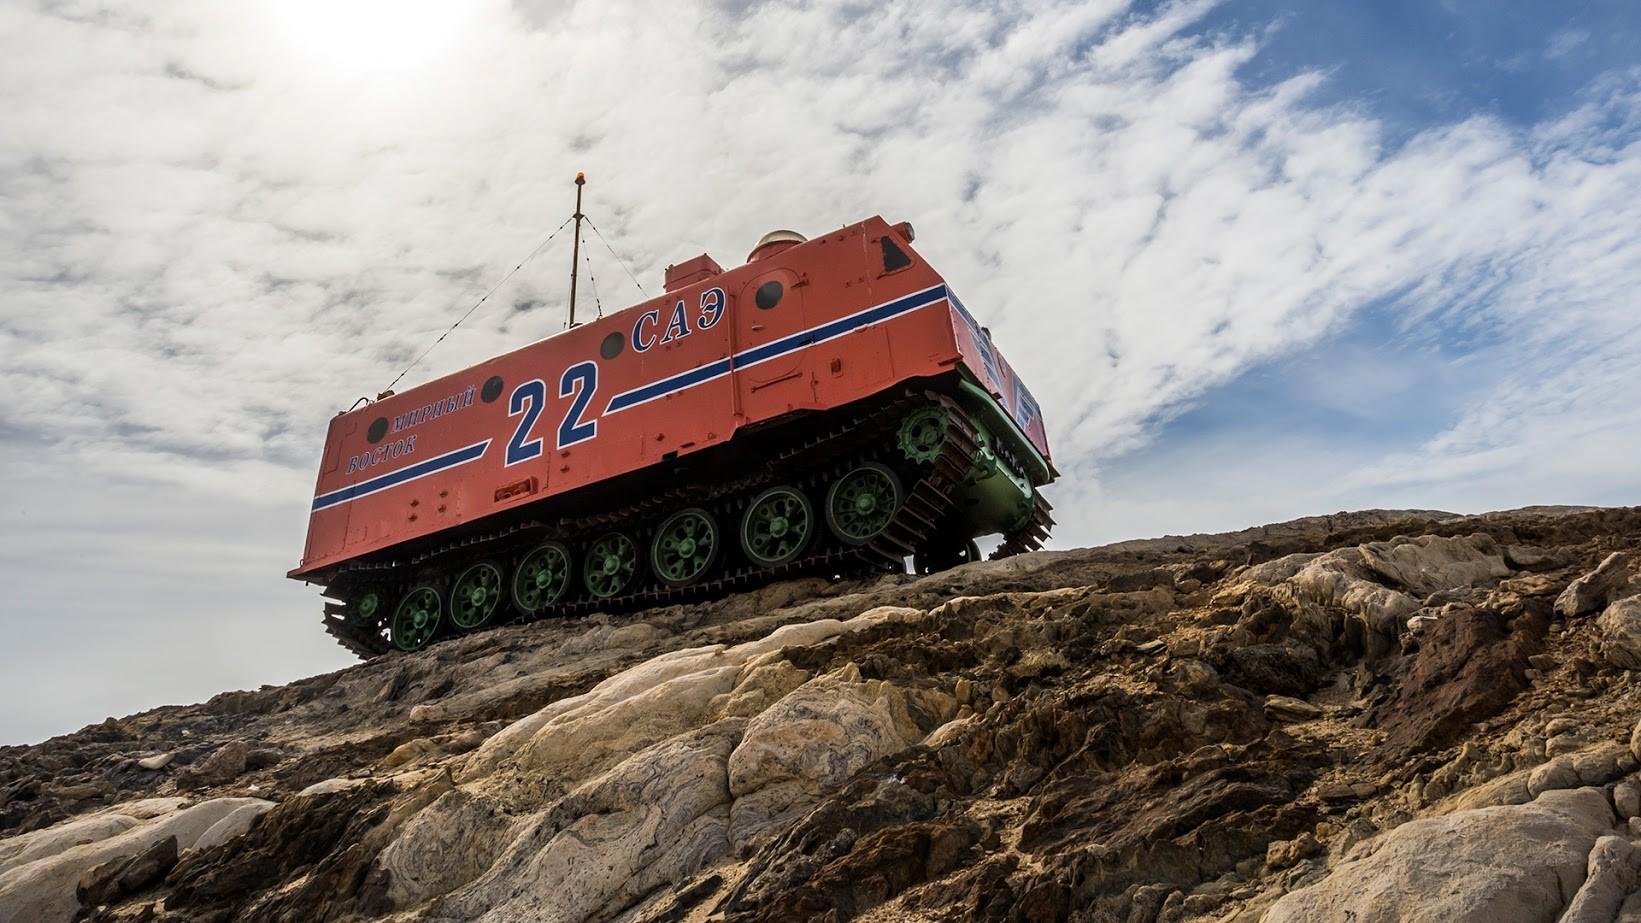 Težki snežni traktor Harkovčanka, ki ga na Antarktiki uporabljajo od leta 1959